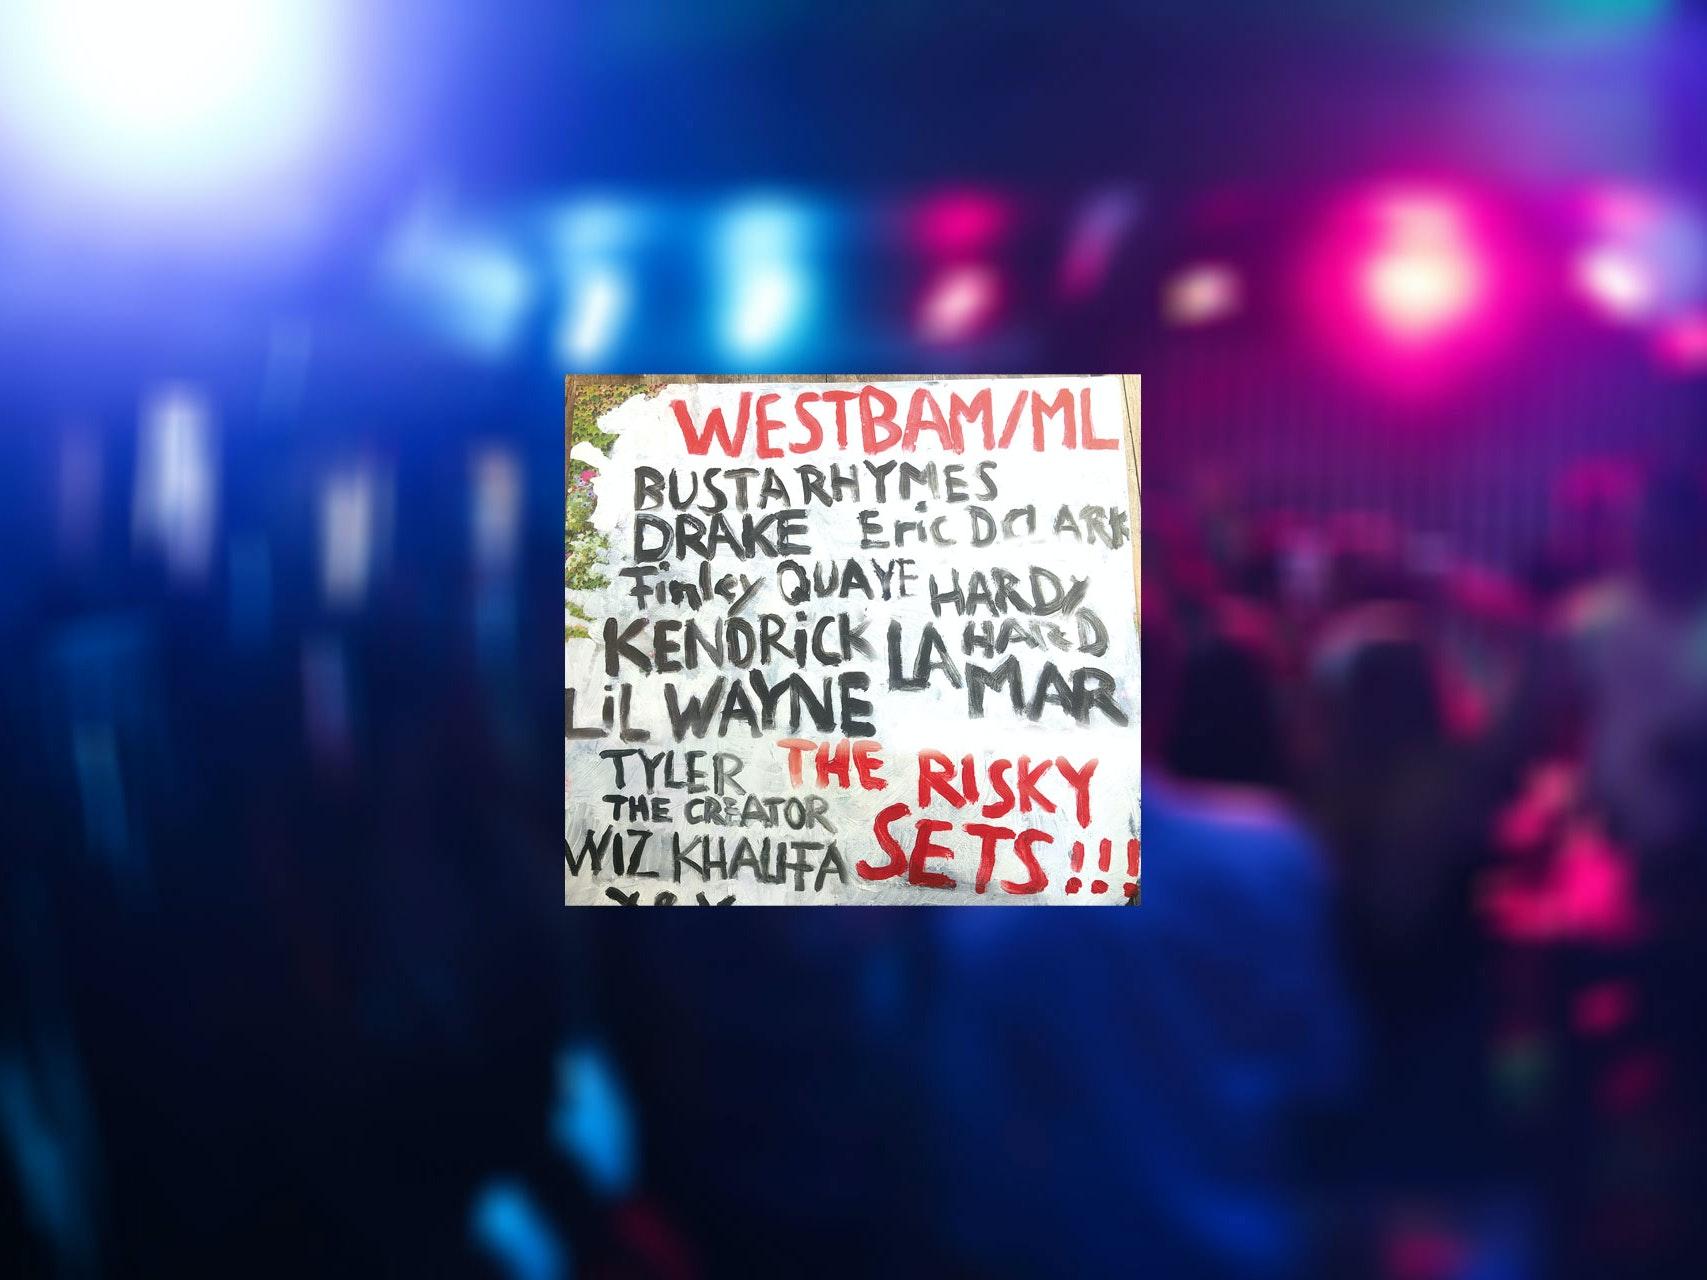 Westbam - The Risky Sets